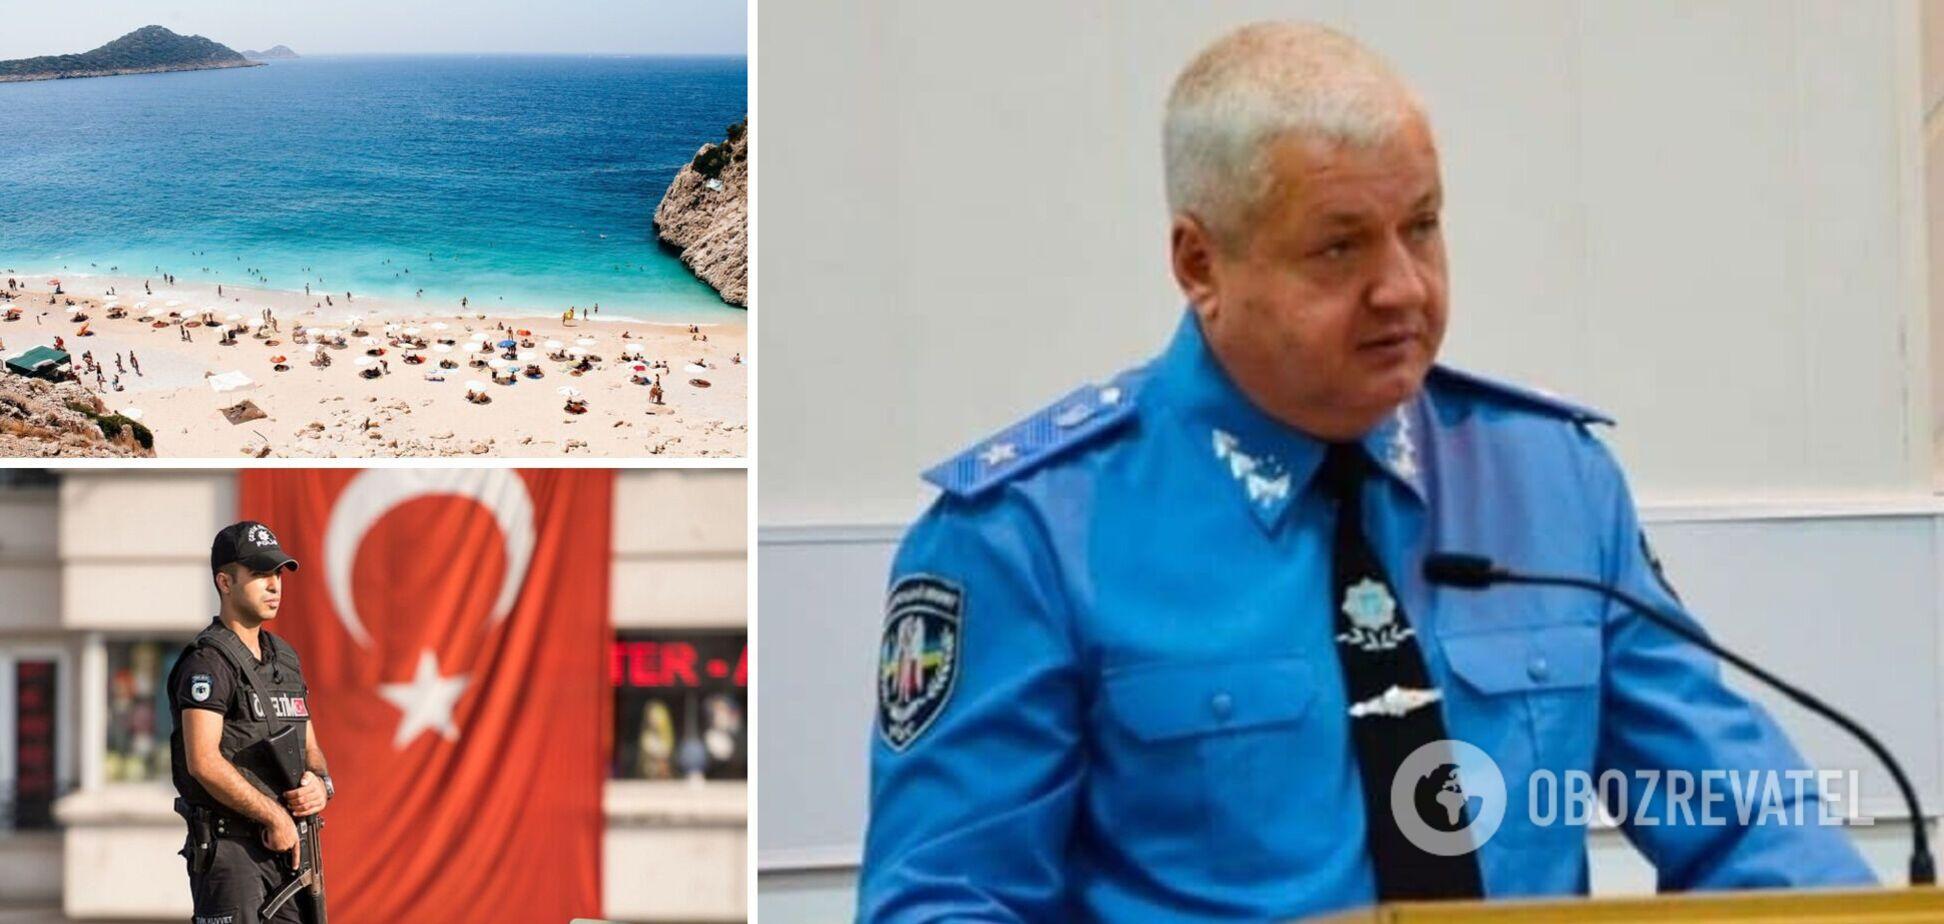 У Туреччині під час відпочинку помер колишній начальник поліції Дніпропетровської області Глуховеря